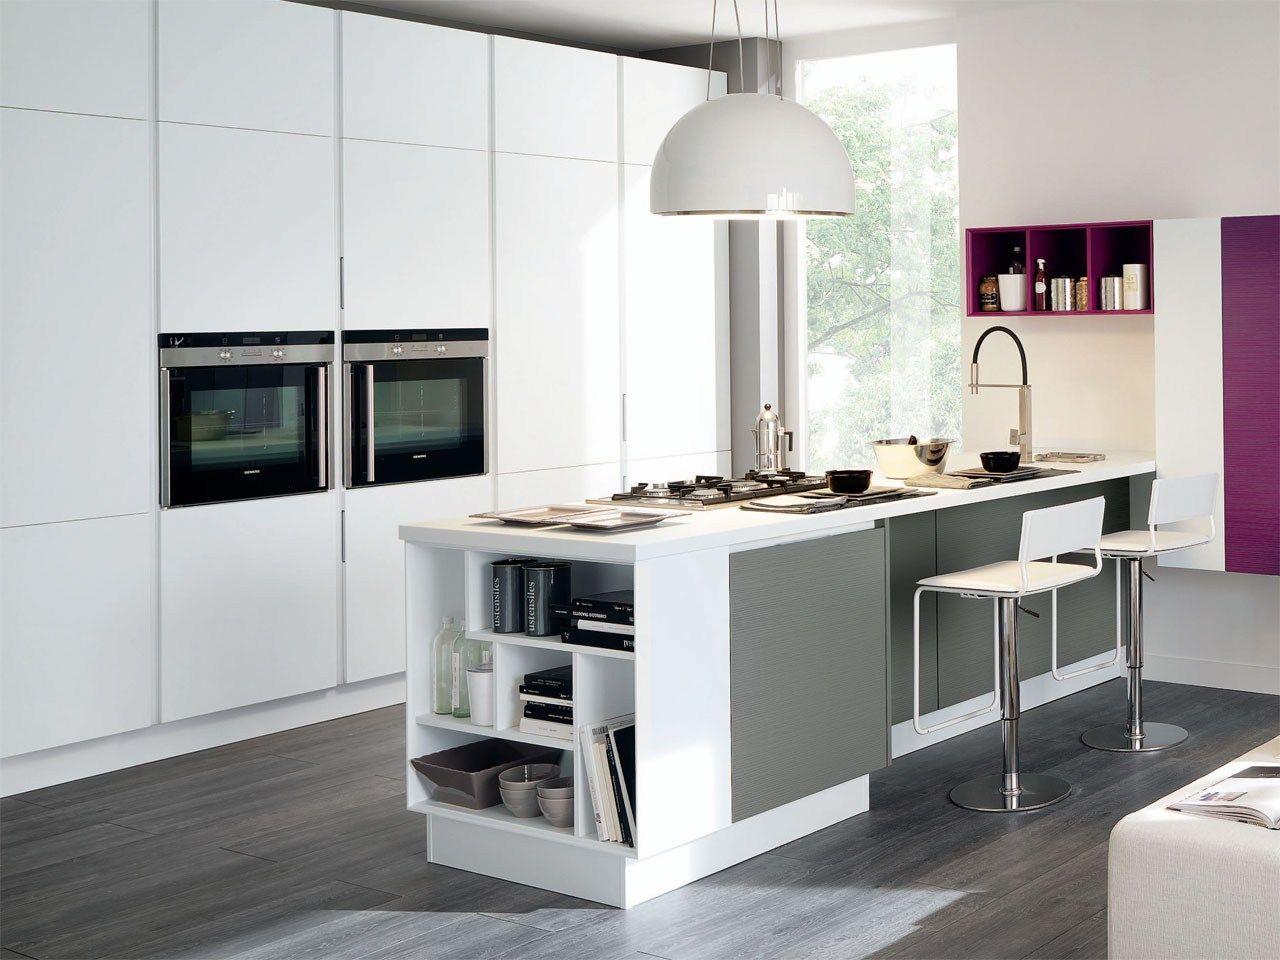 zeilen- küche aus hpl ohne griffe velve | küche ohne griffe ... - Küche Ohne Griffe